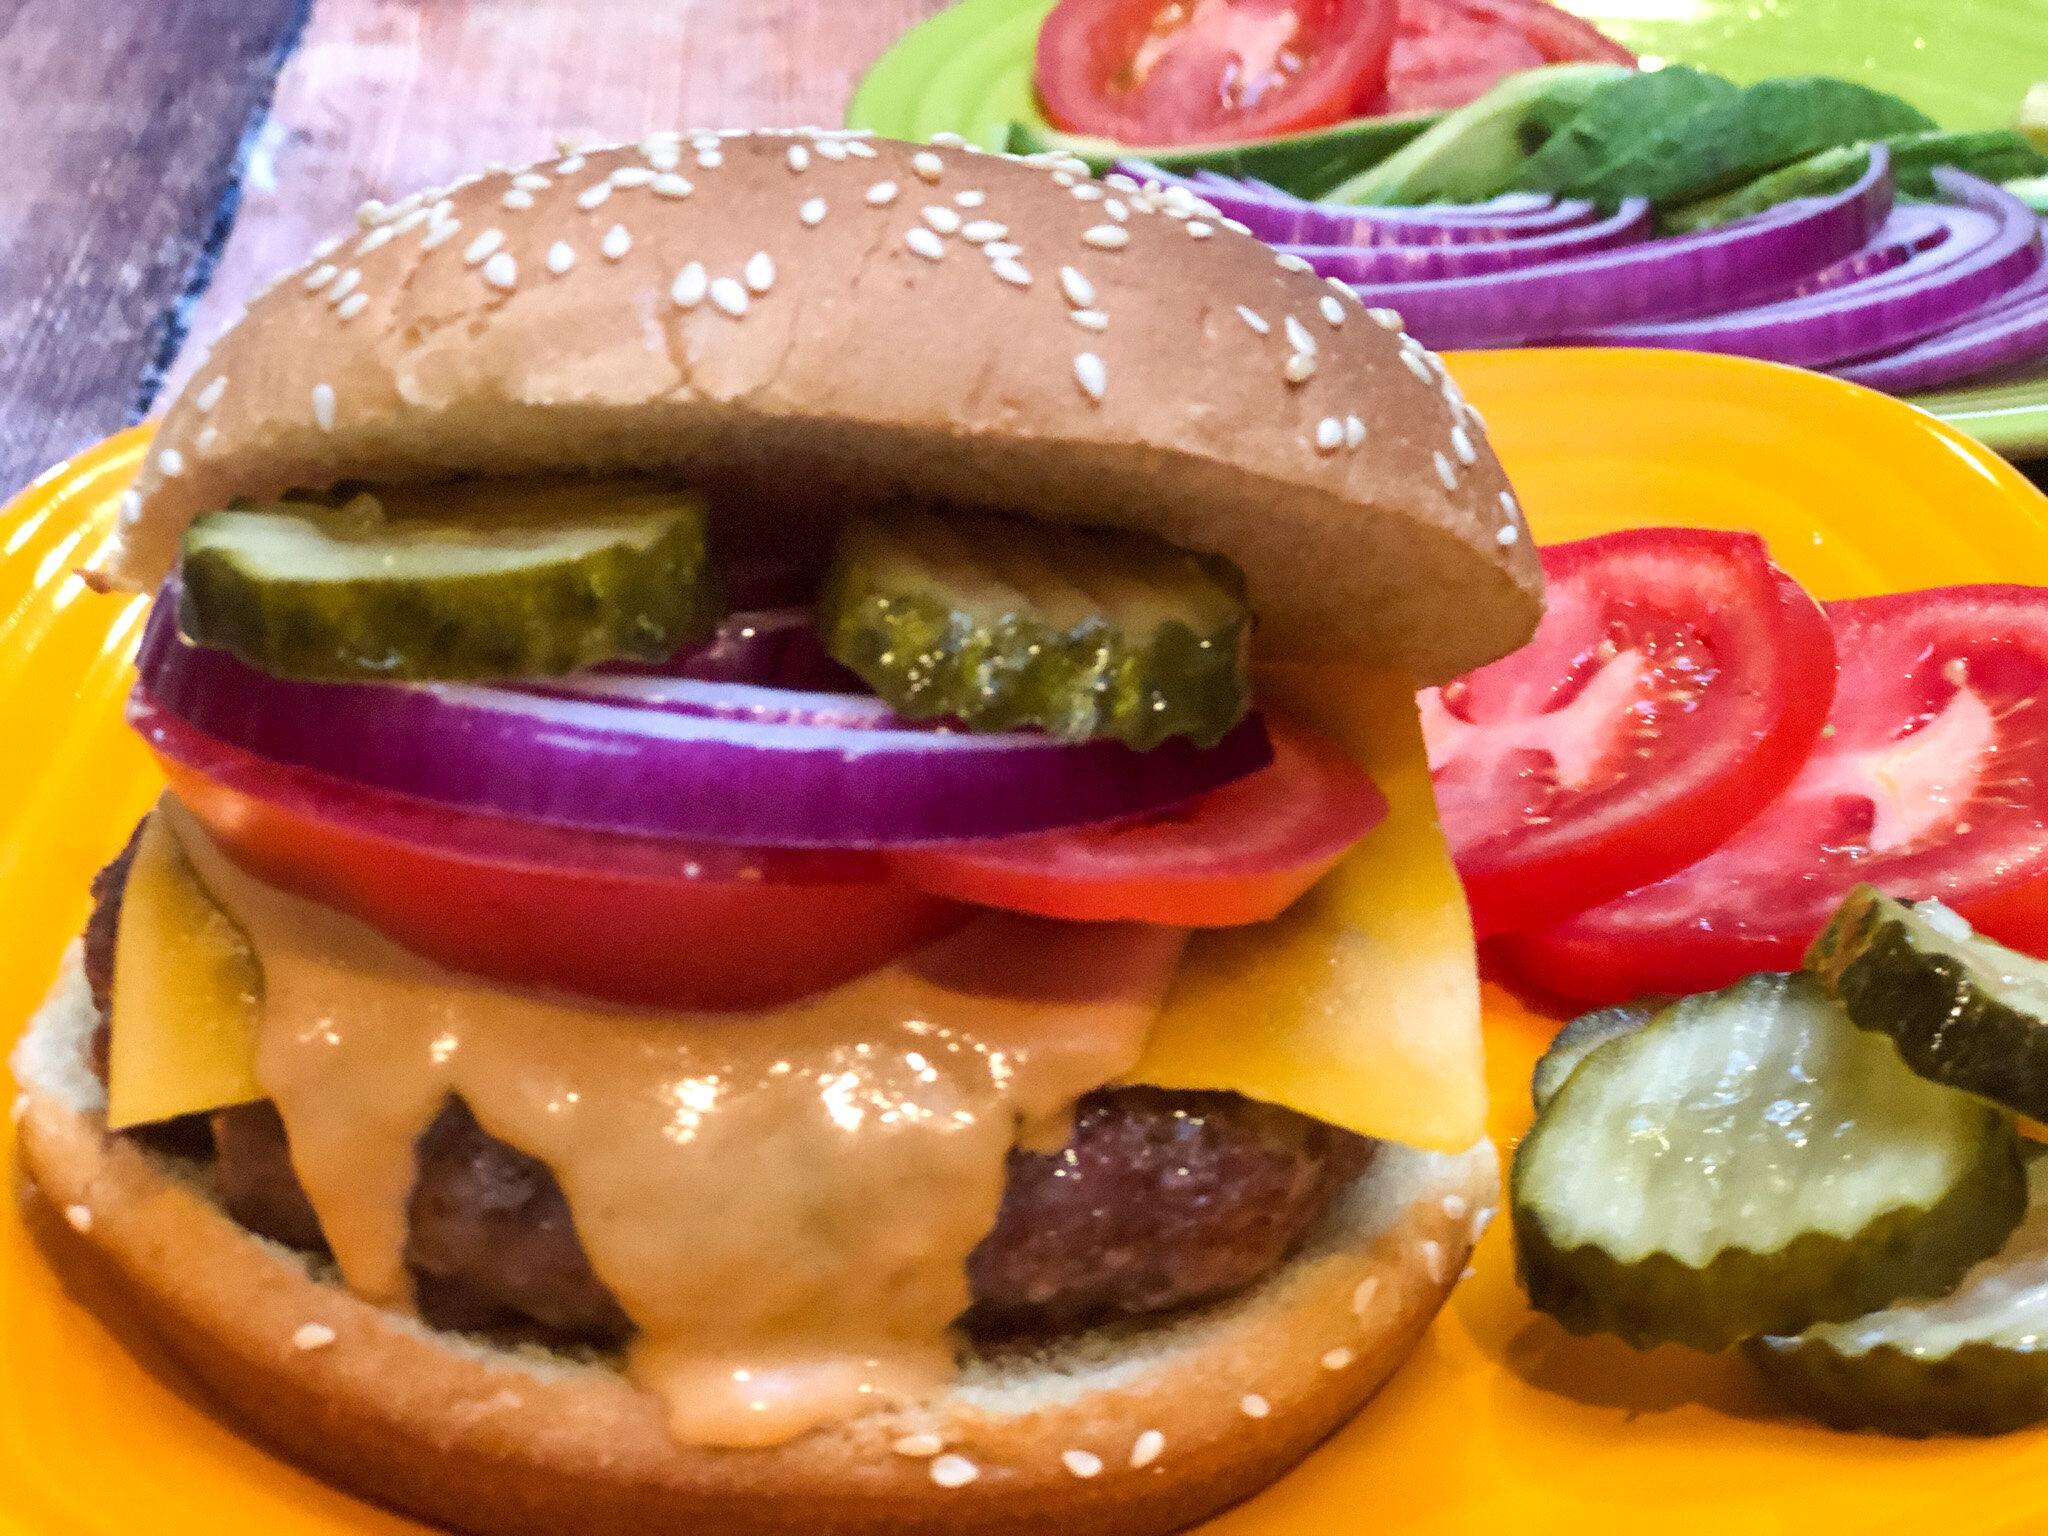 Homemade-hamburger-sauces.JPG